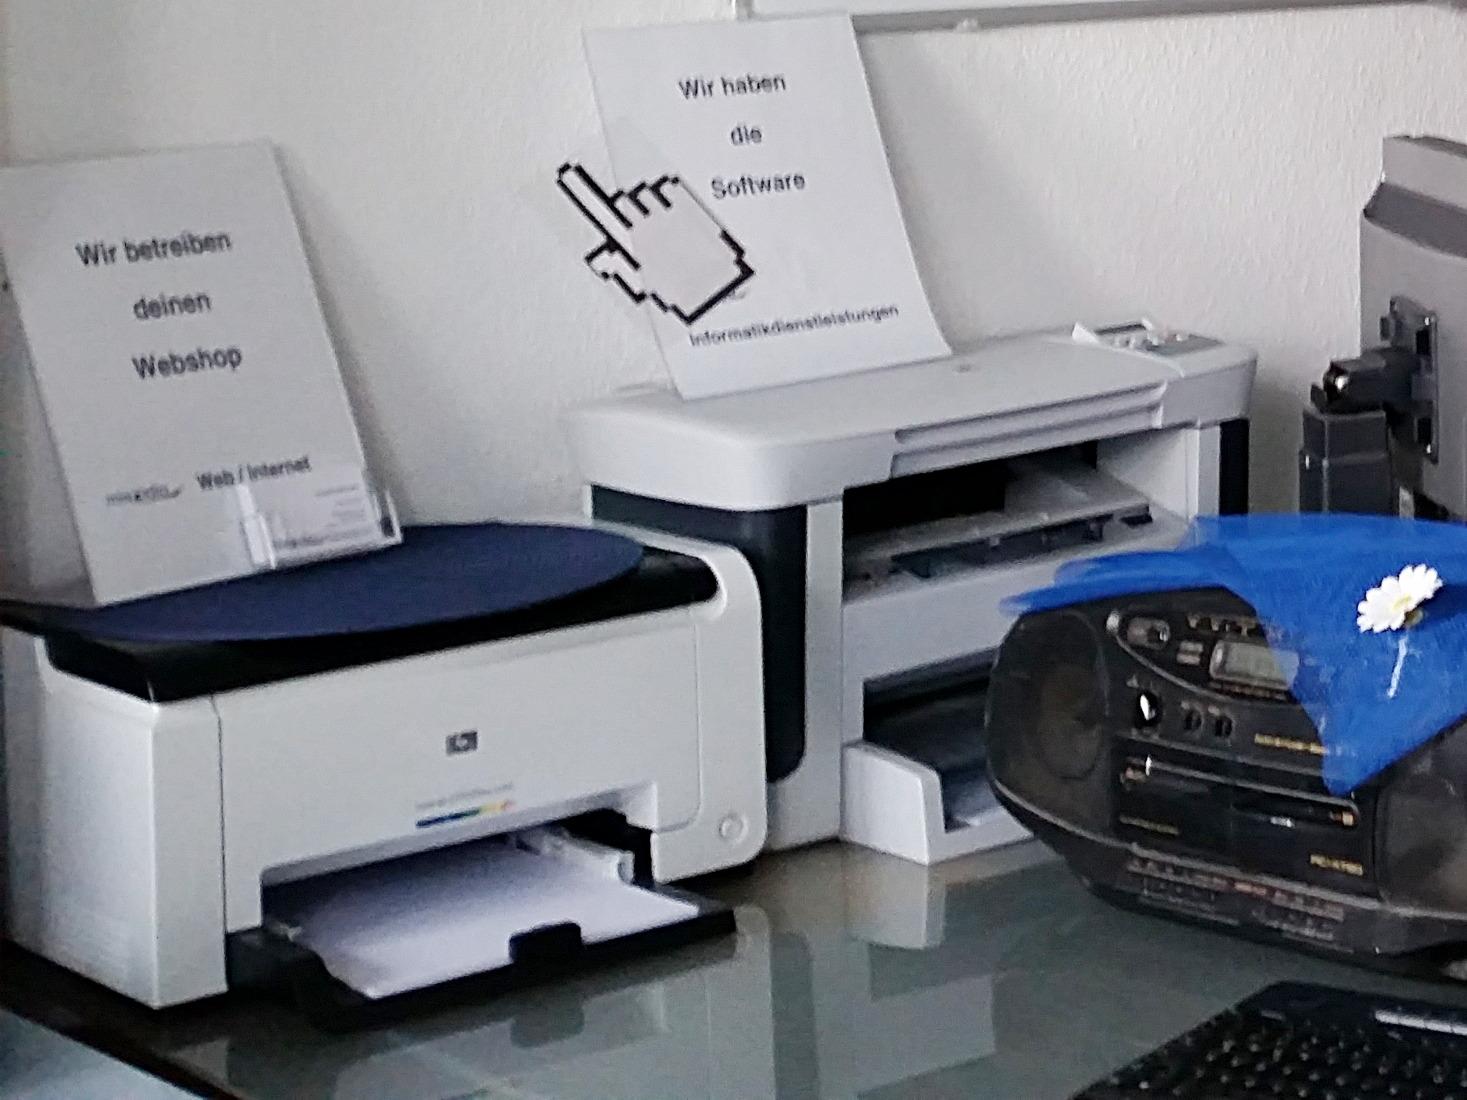 Handelsübliche Drucker für Farbe auf Papier, ein Farb- und ein Schwarz-weiß-Laserdrucker